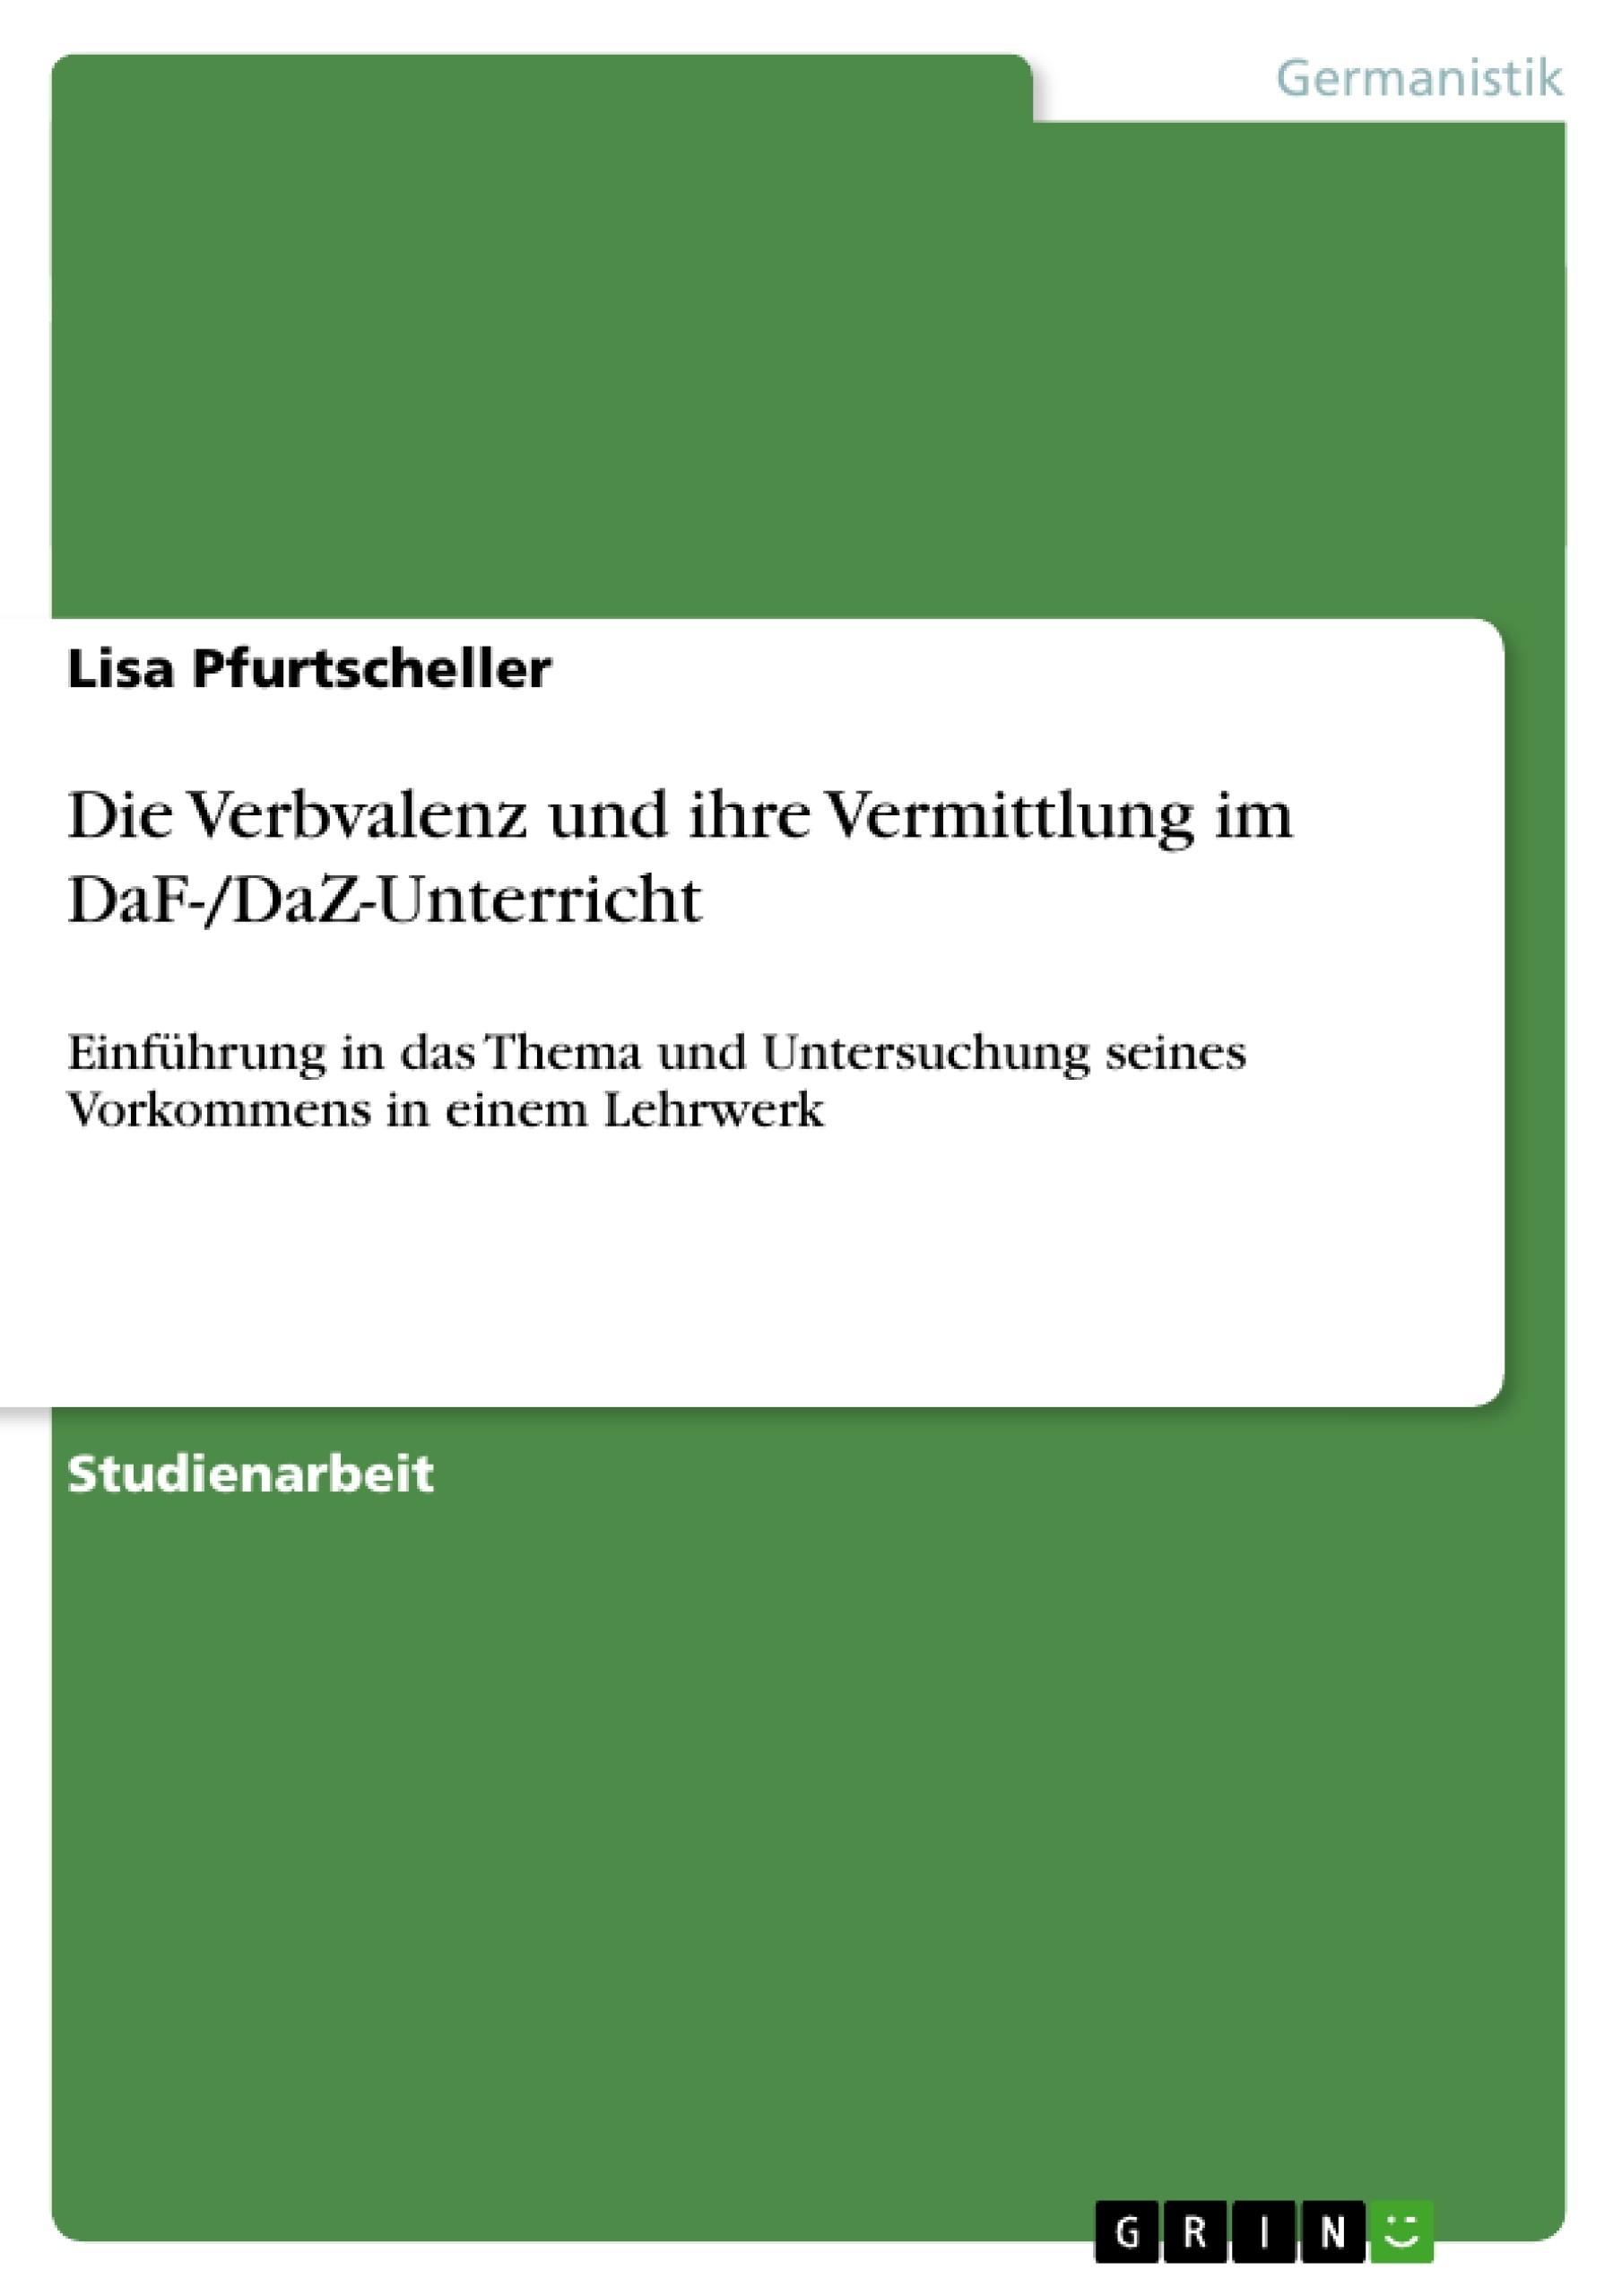 Titel: Die Verbvalenz und ihre Vermittlung im DaF-/DaZ-Unterricht